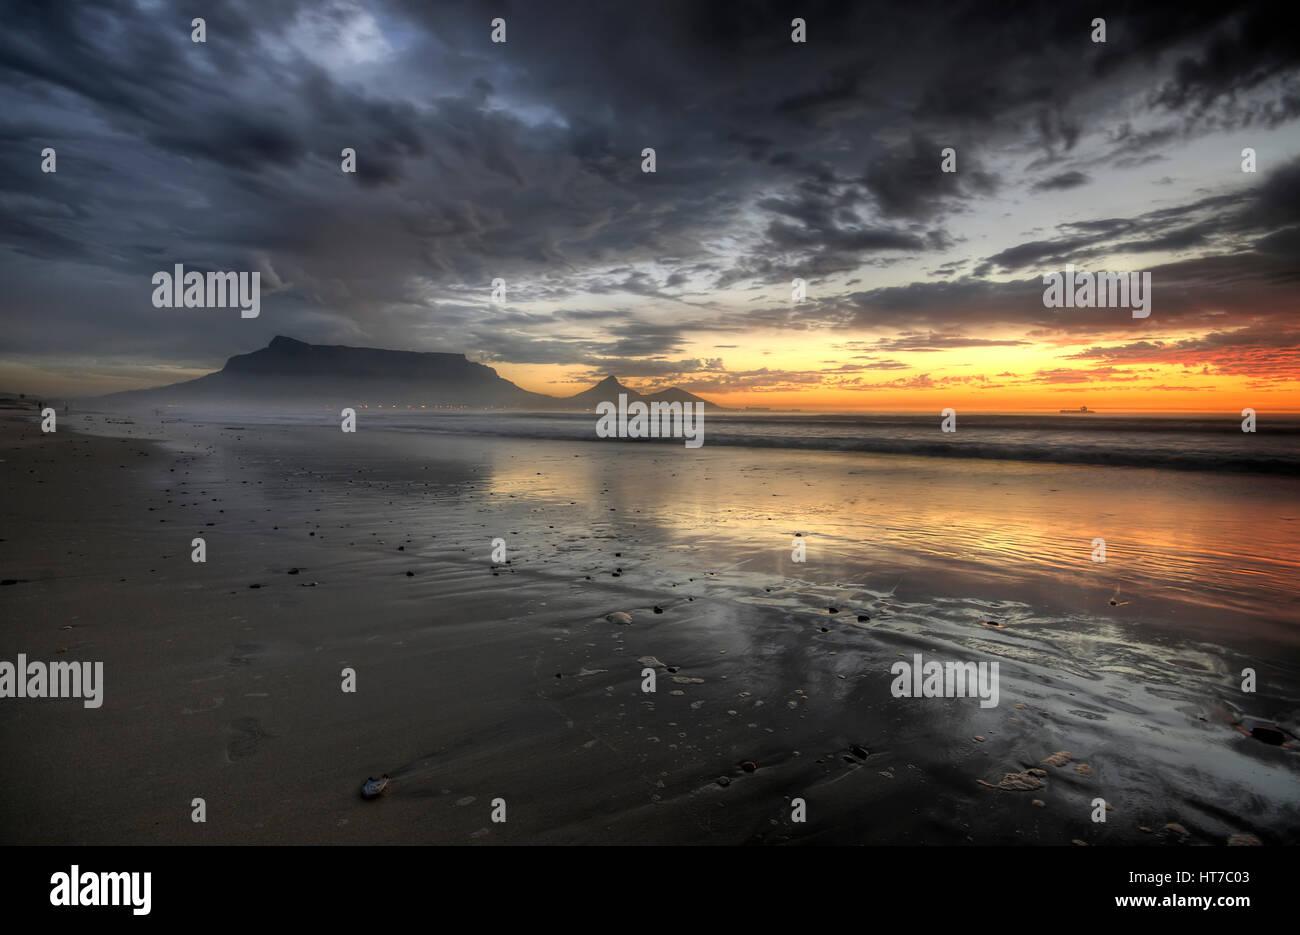 Table Mountain Sunset BeachStock Photo